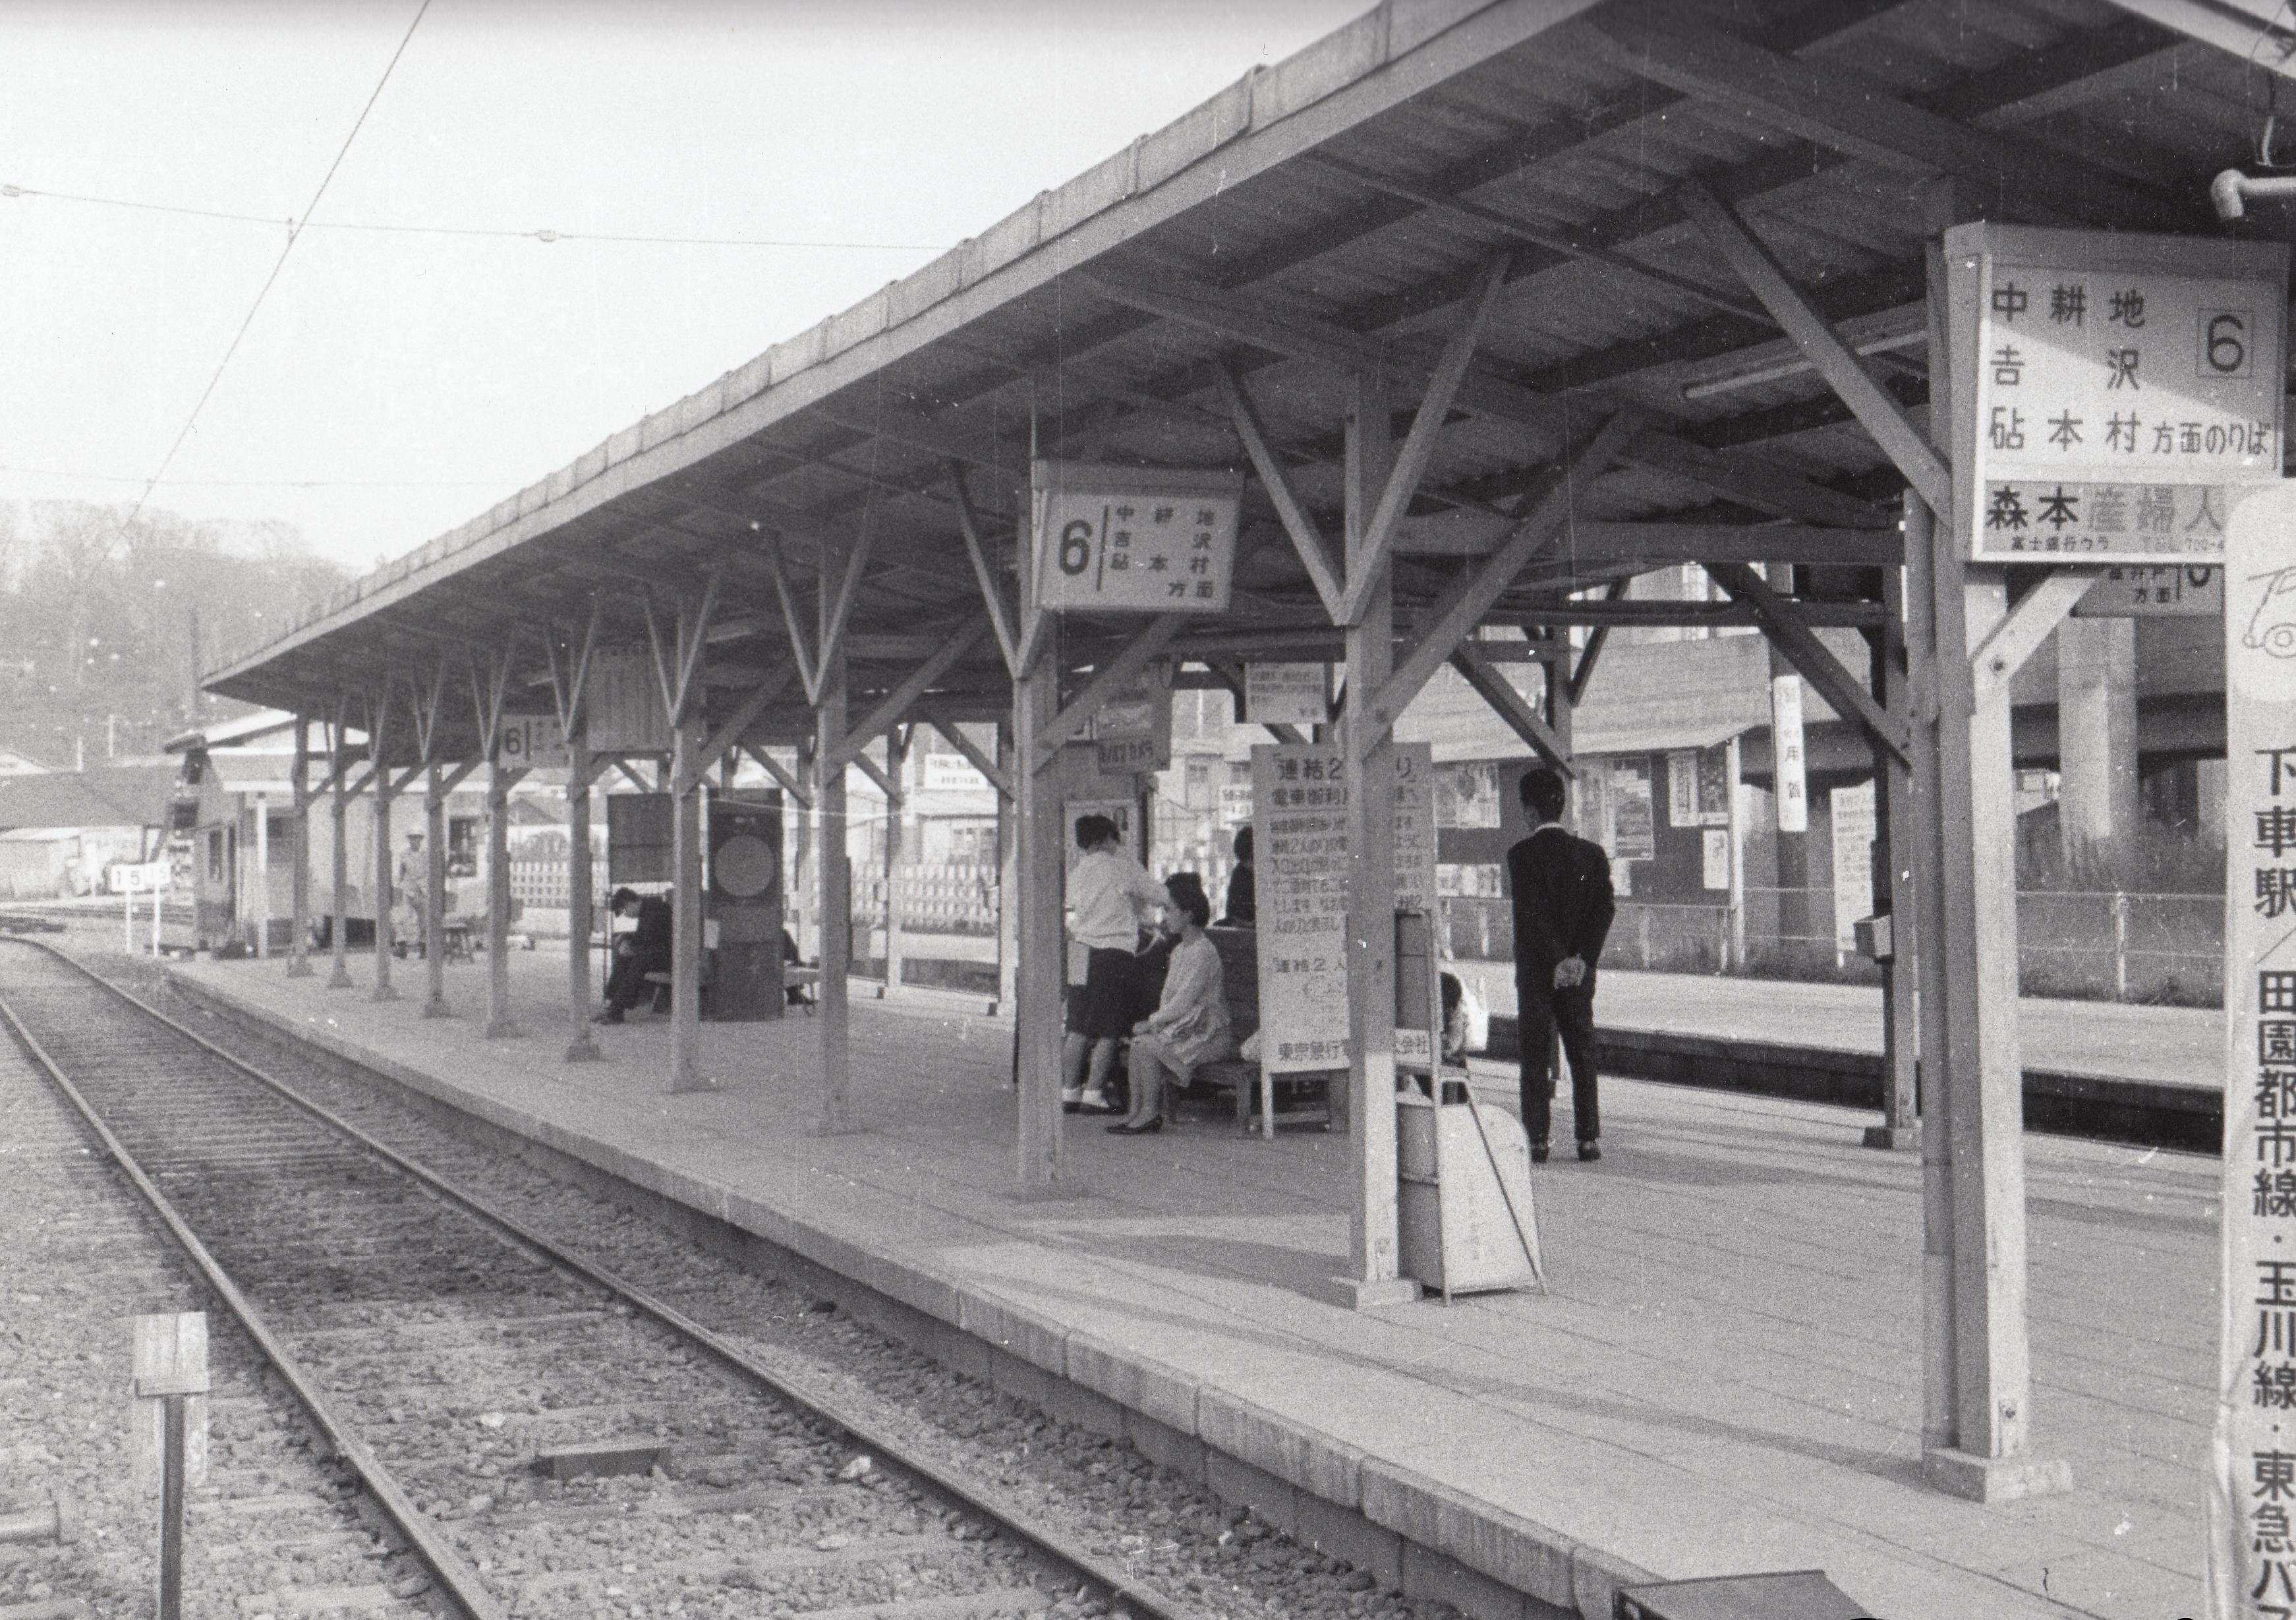 ファイル:1968年の秋 二子玉川園駅砧線ホームにて.jpg - Wikipedia